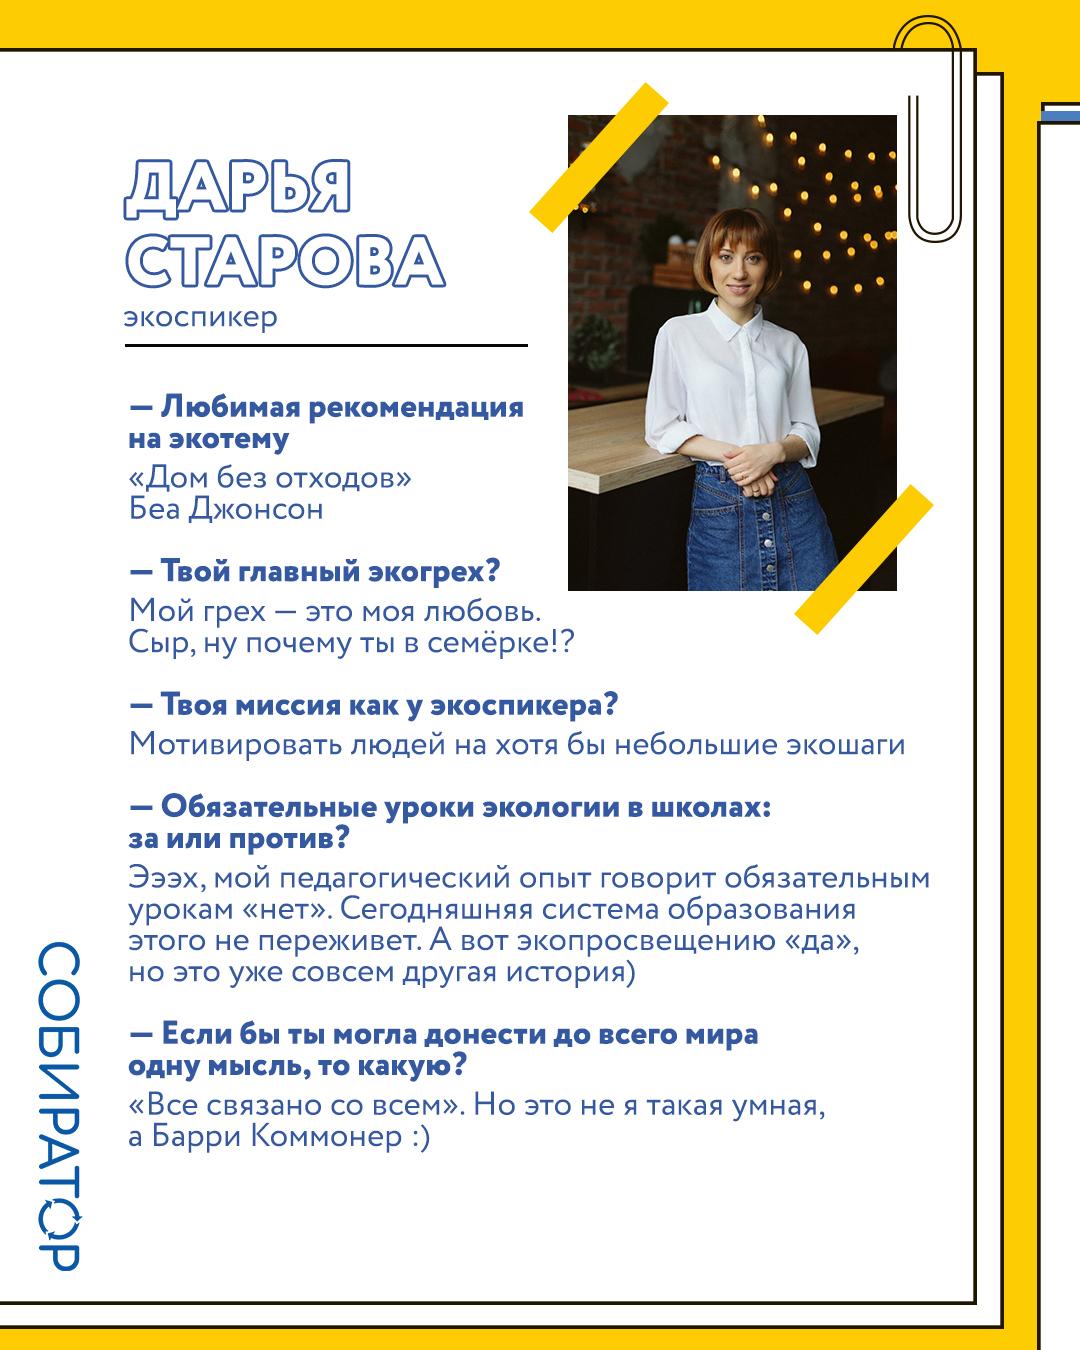 5.10_досье на экоспикеров_3